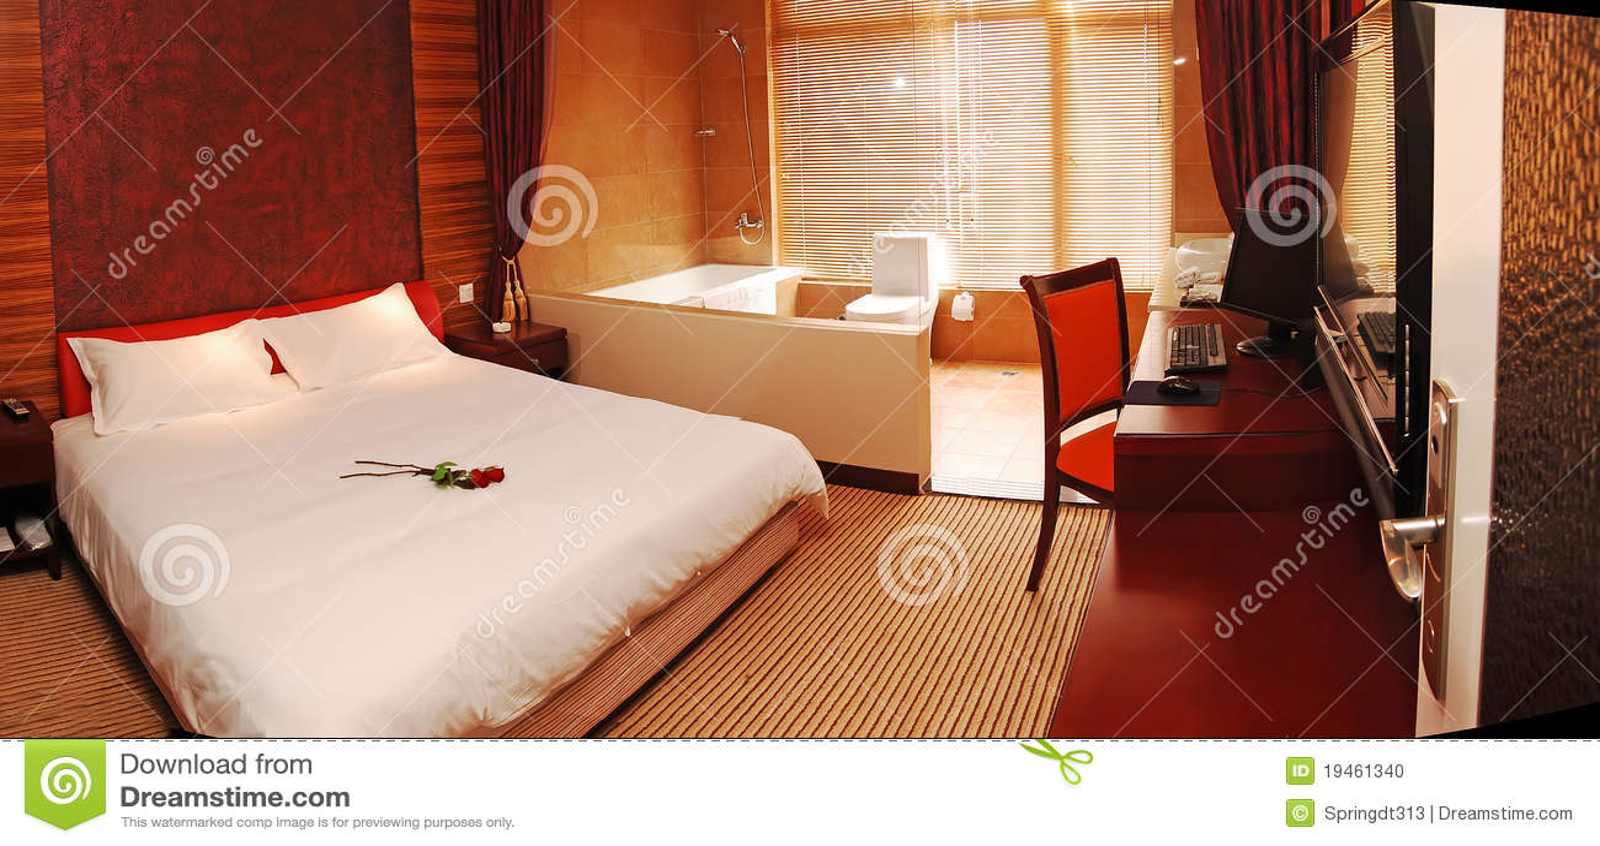 Romantisches Schlafzimmer Stockfoto - Bild: 19461340